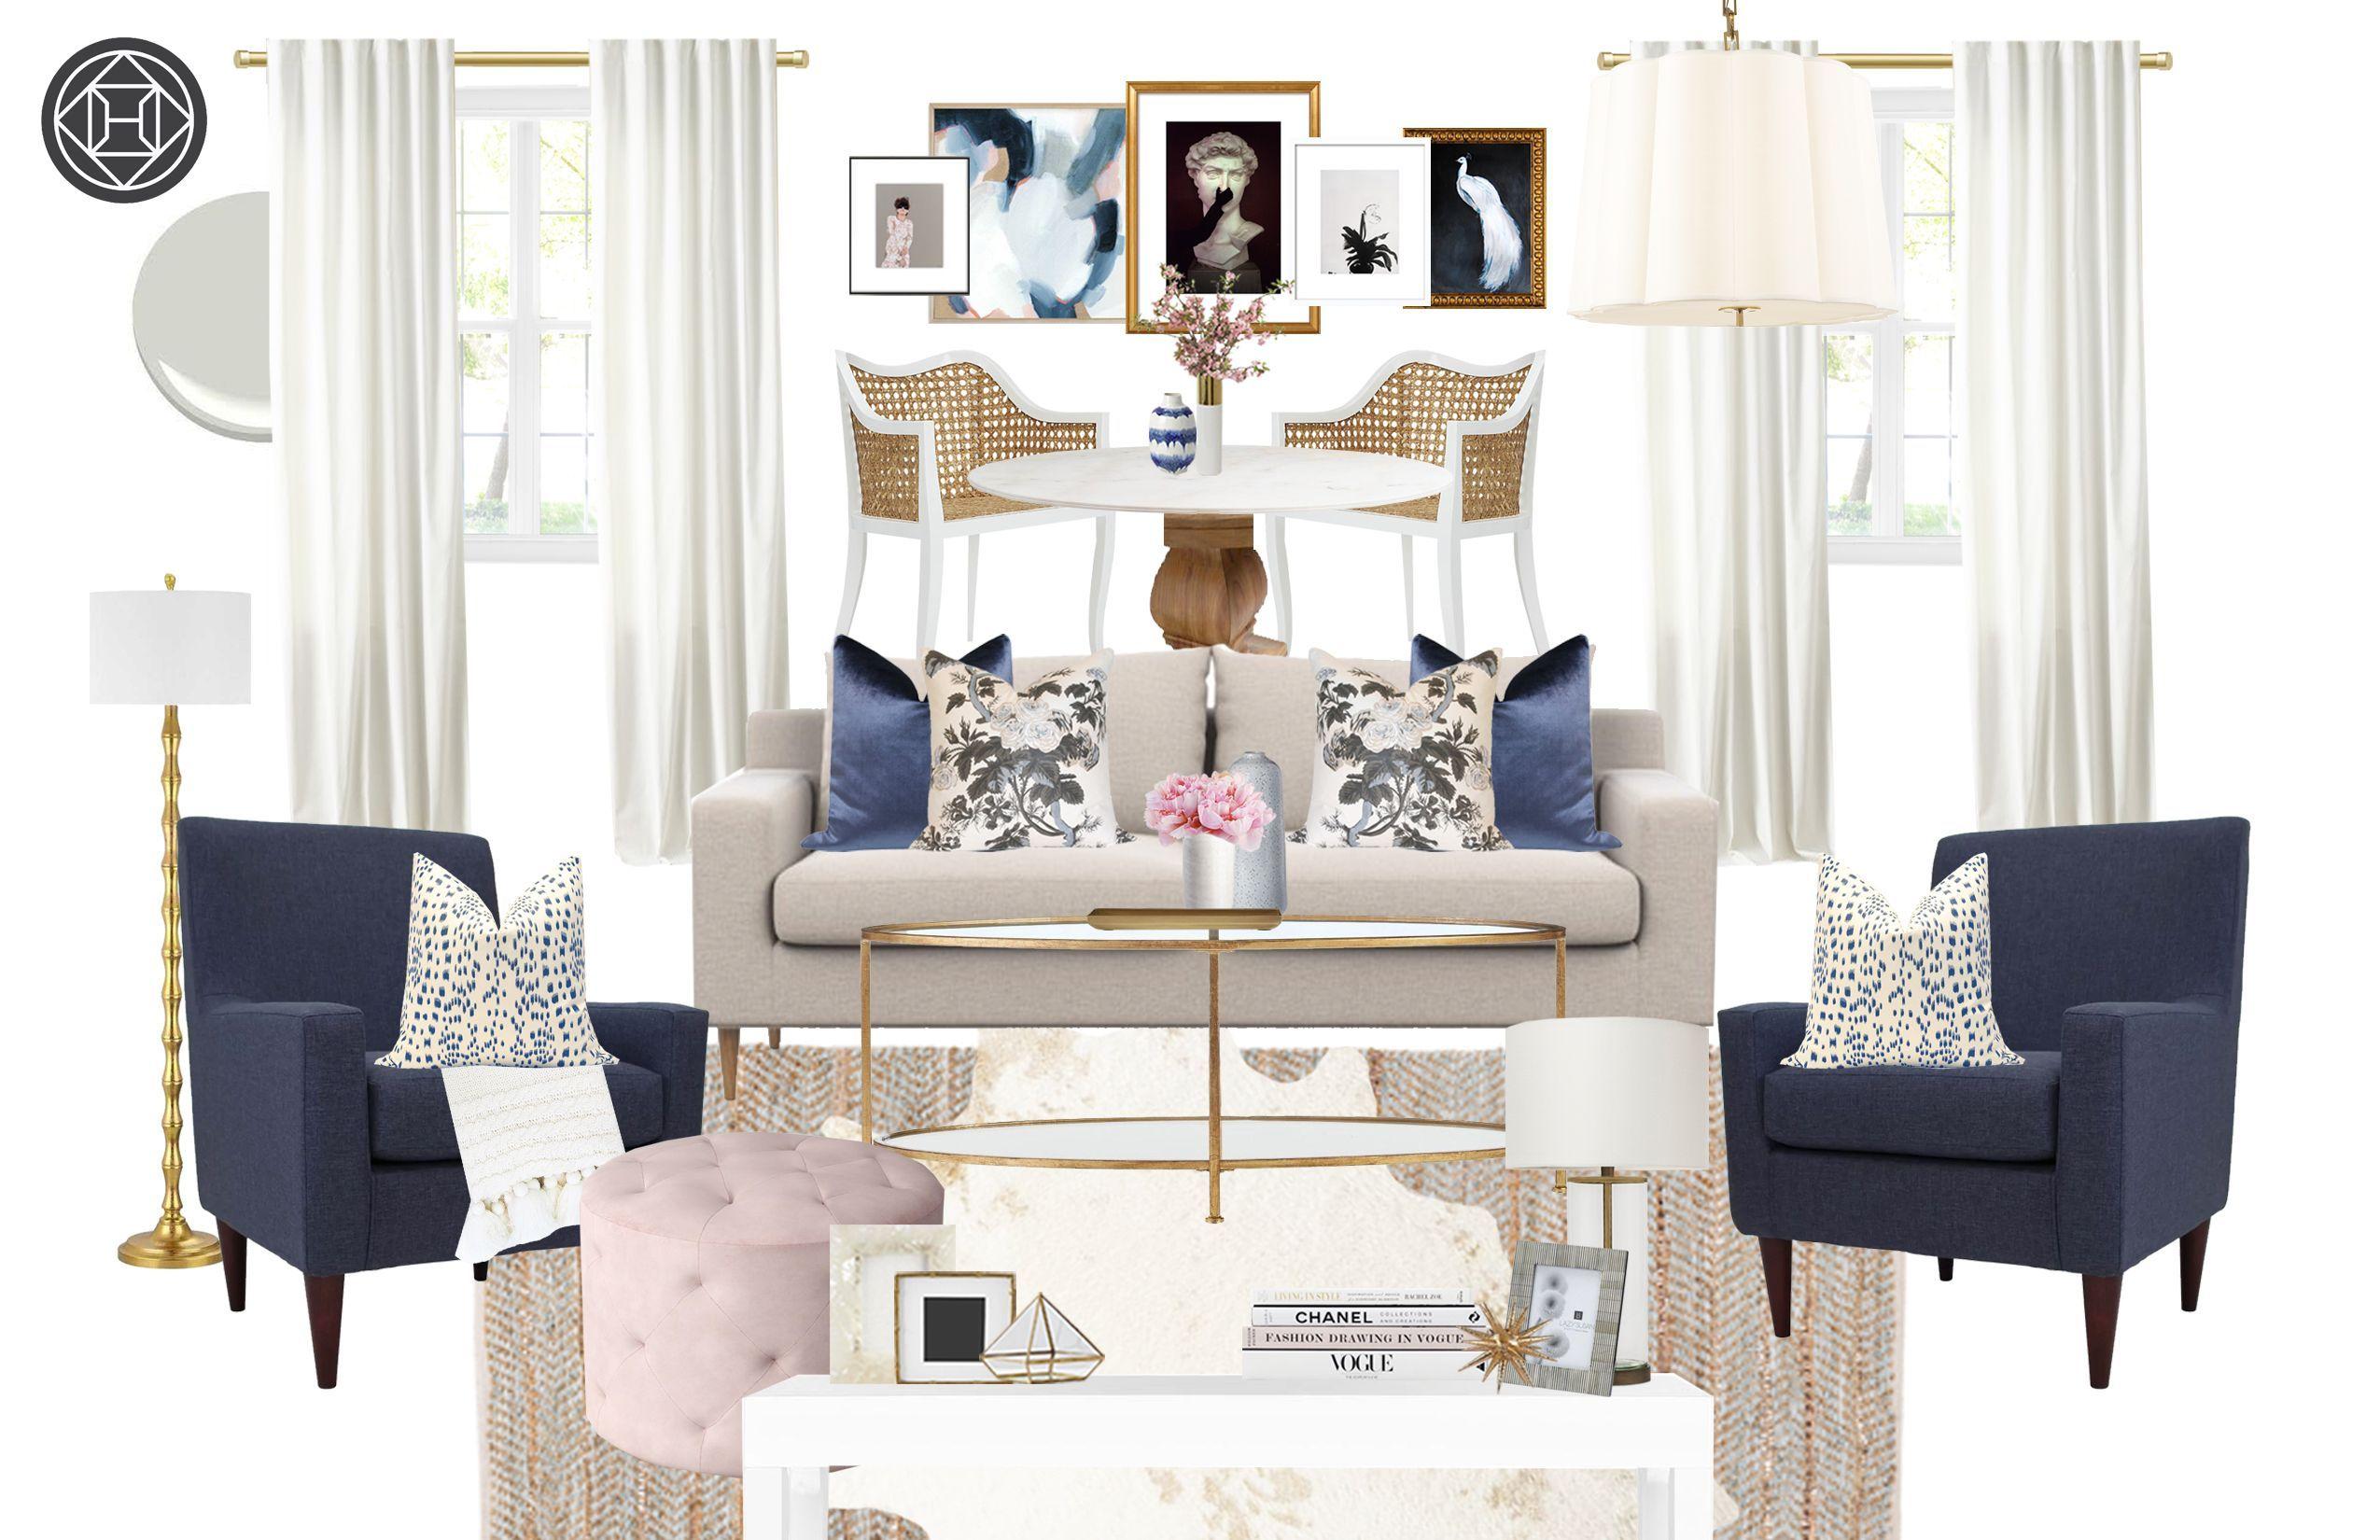 Design De Salon Classique Glamour Et Preppy Par La Designer D Interieur Havenly Hannah In 2020 Preppy Living Room Classic Living Room Classic Living Room Design